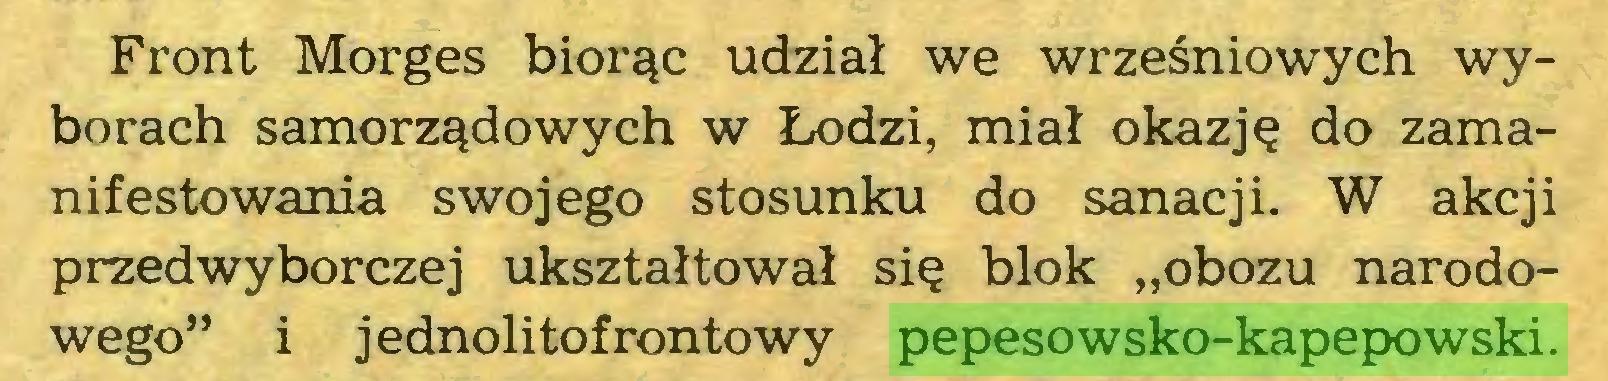 """(...) Front Morges biorąc udział we wrześniowych wyborach samorządowych w Łodzi, miał okazję do zamanifestowania swojego stosunku do sanacji. W akcji przedwyborczej ukształtował się blok """"obozu narodowego"""" i jednolitof rontowy pepesowsko-kapepowski..."""